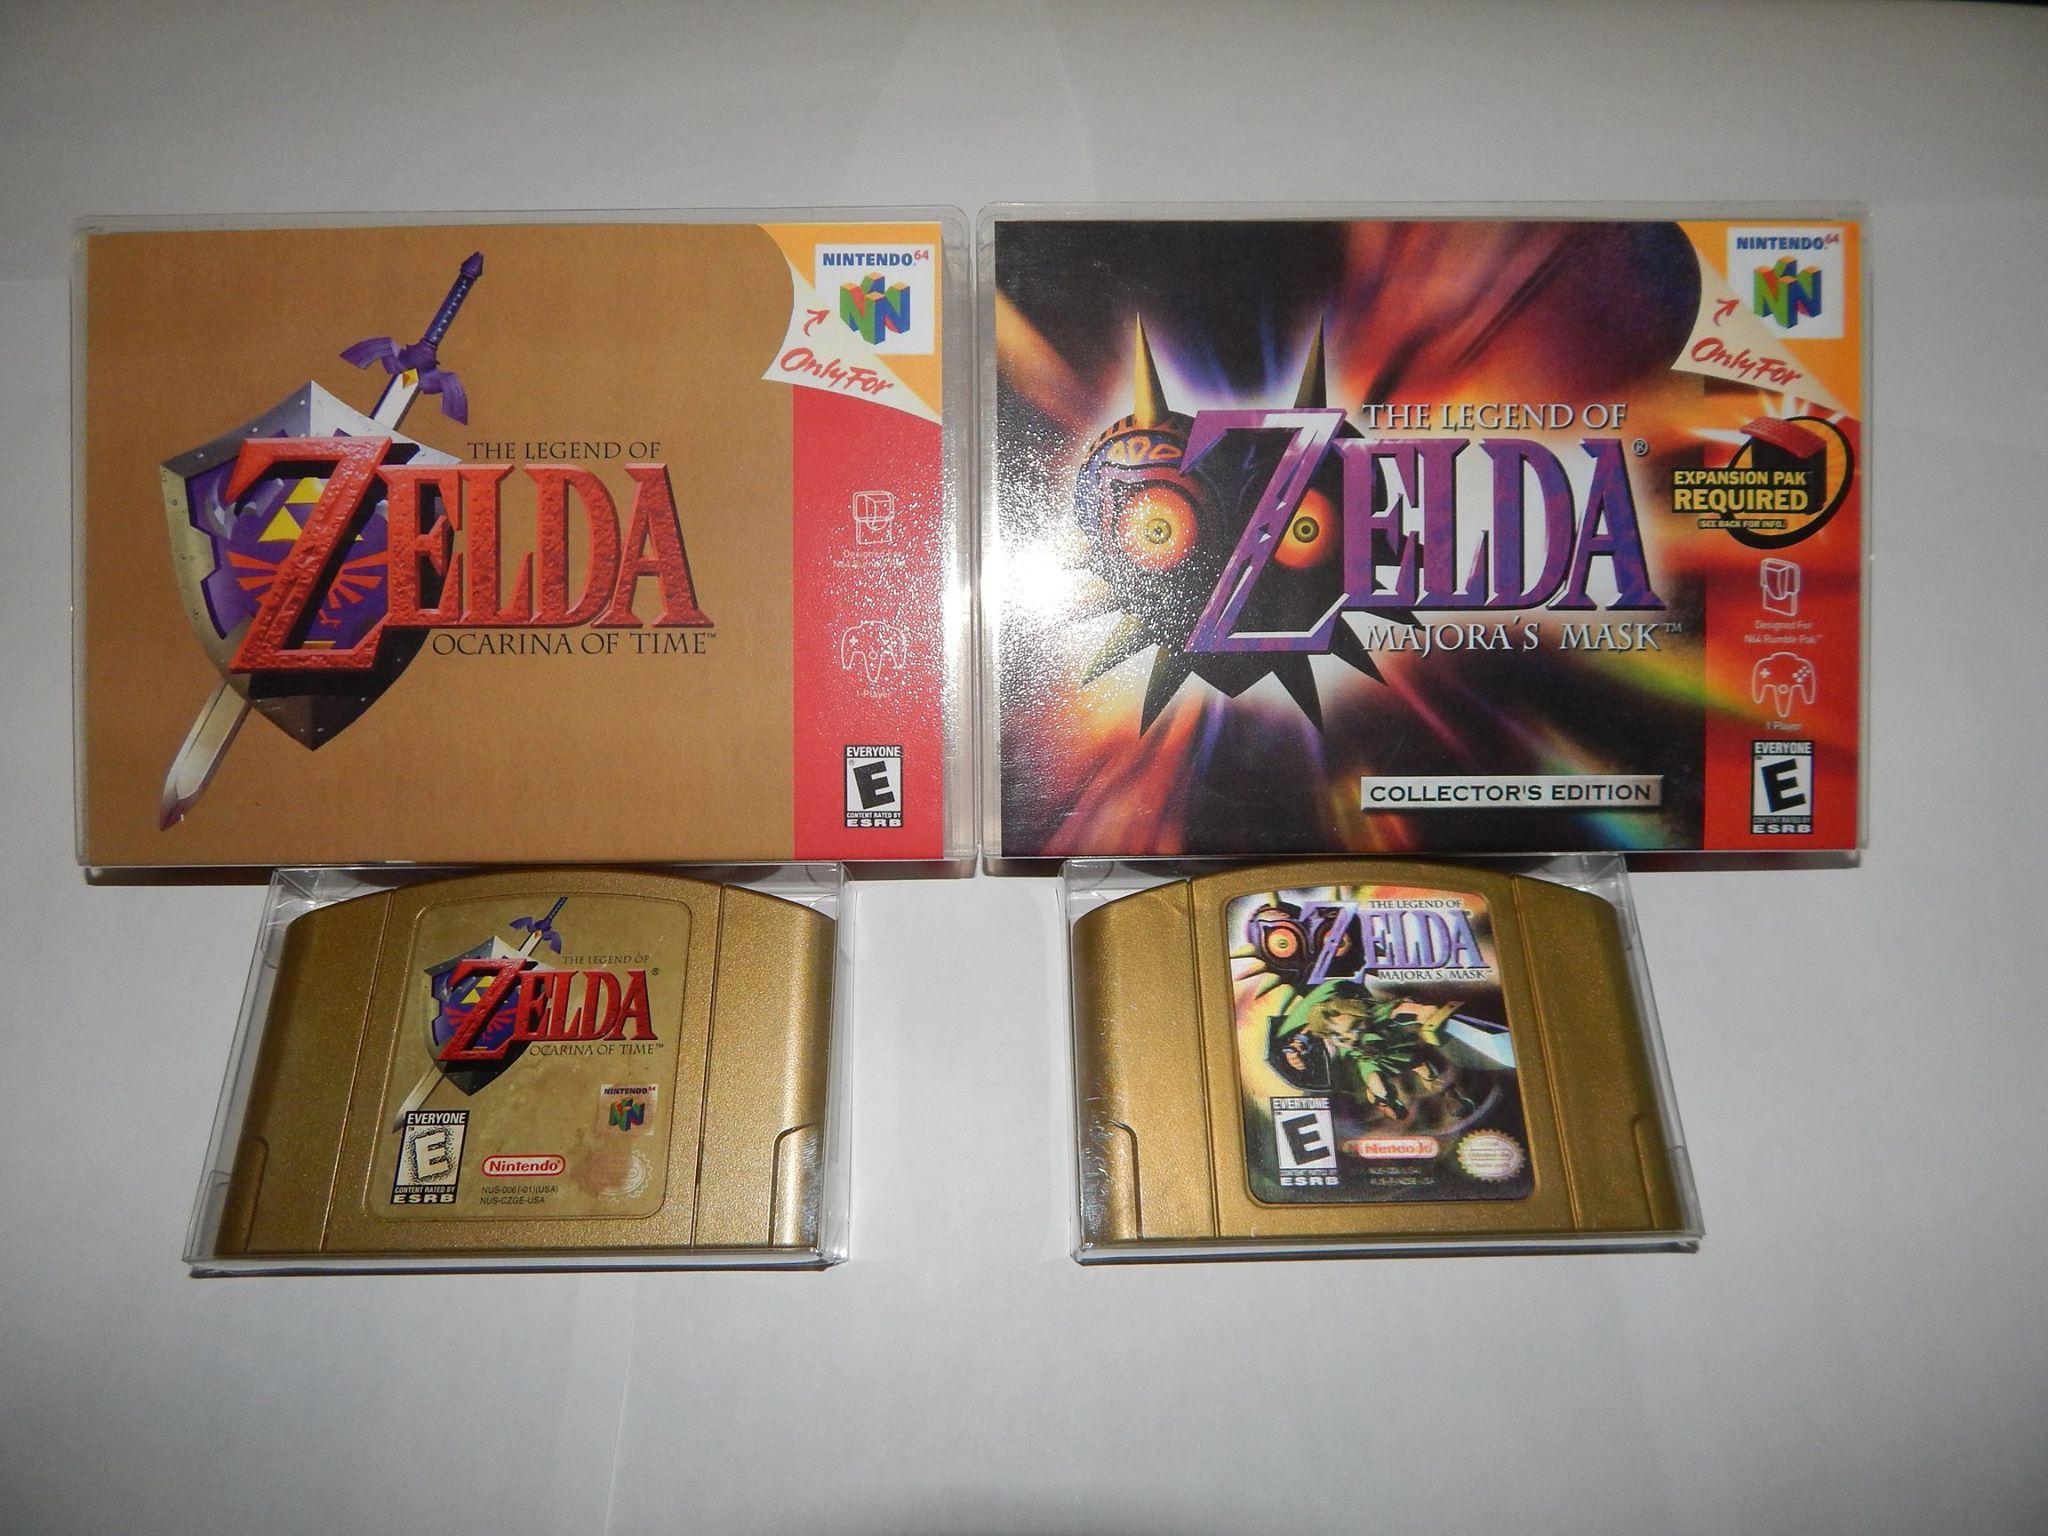 The Legend Of Zelda Ocarina Of Time The Legend Of Zelda Majora S Mask Gold Cartridges And Collector S Case Ocarina Of Time Legend Of Zelda Atora